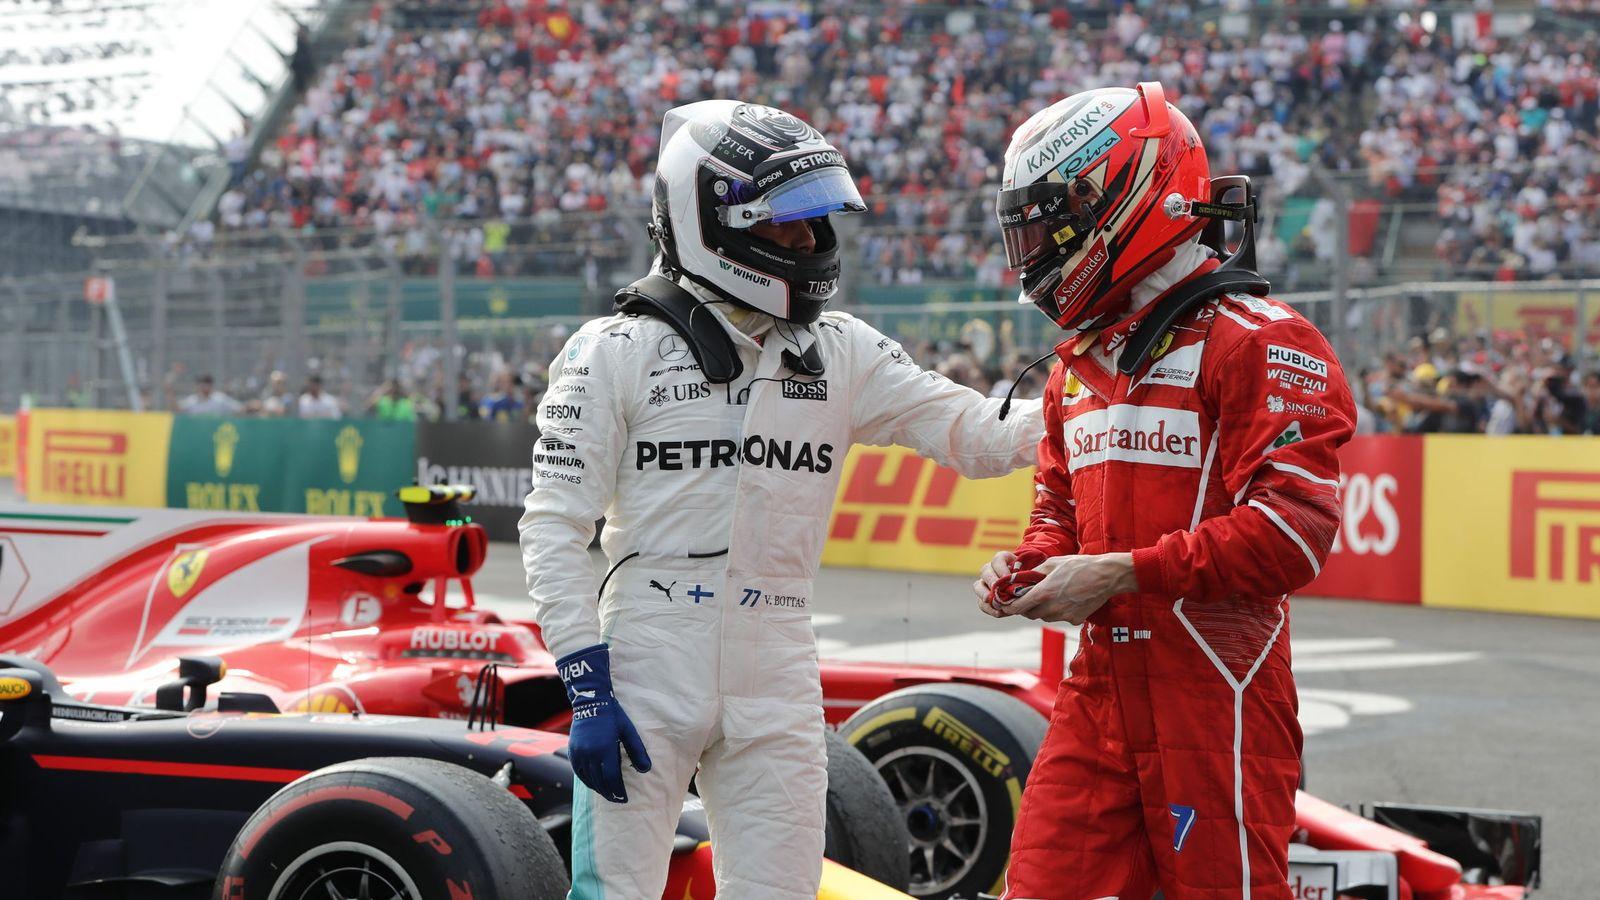 Foto: Ferrari y Mercedes han protagonizado un duelo excepcional a lo largo de todo 2017. (EFE)